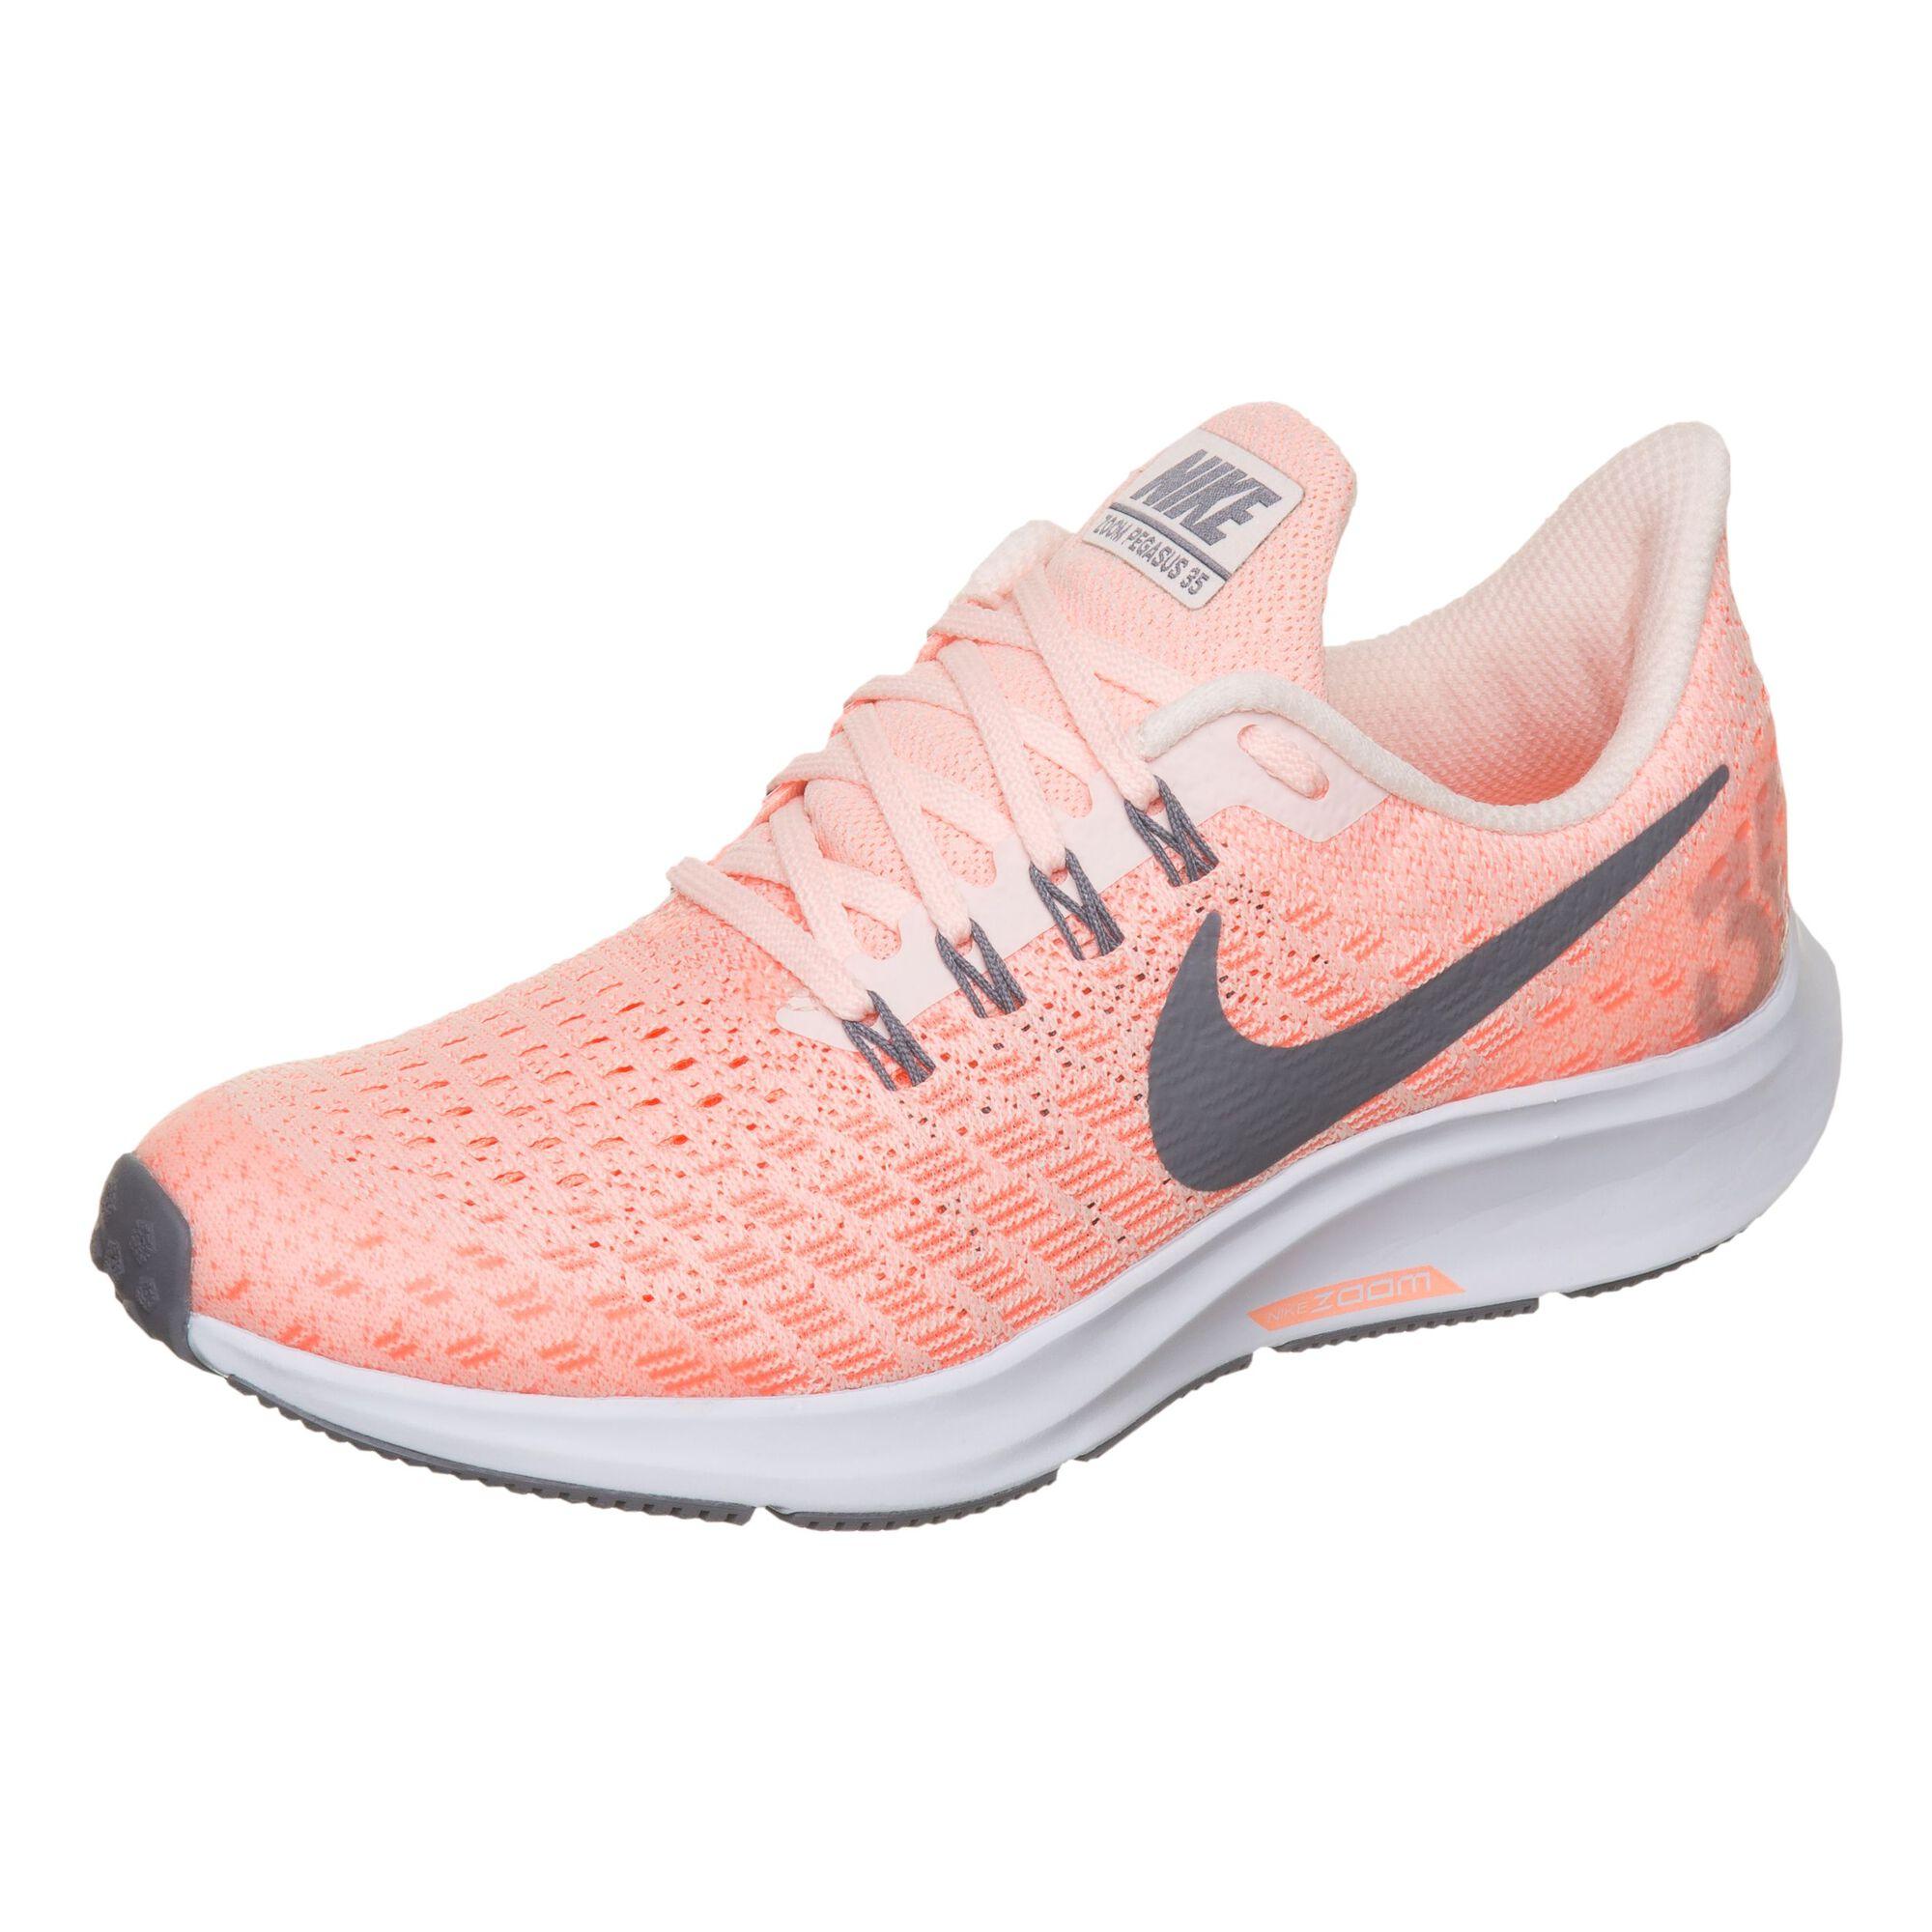 31ac0492310c Nike  Nike  Nike  Nike  Nike  Nike  Nike  Nike  Nike  Nike. Air Zoom  Pegasus 35 GS ...